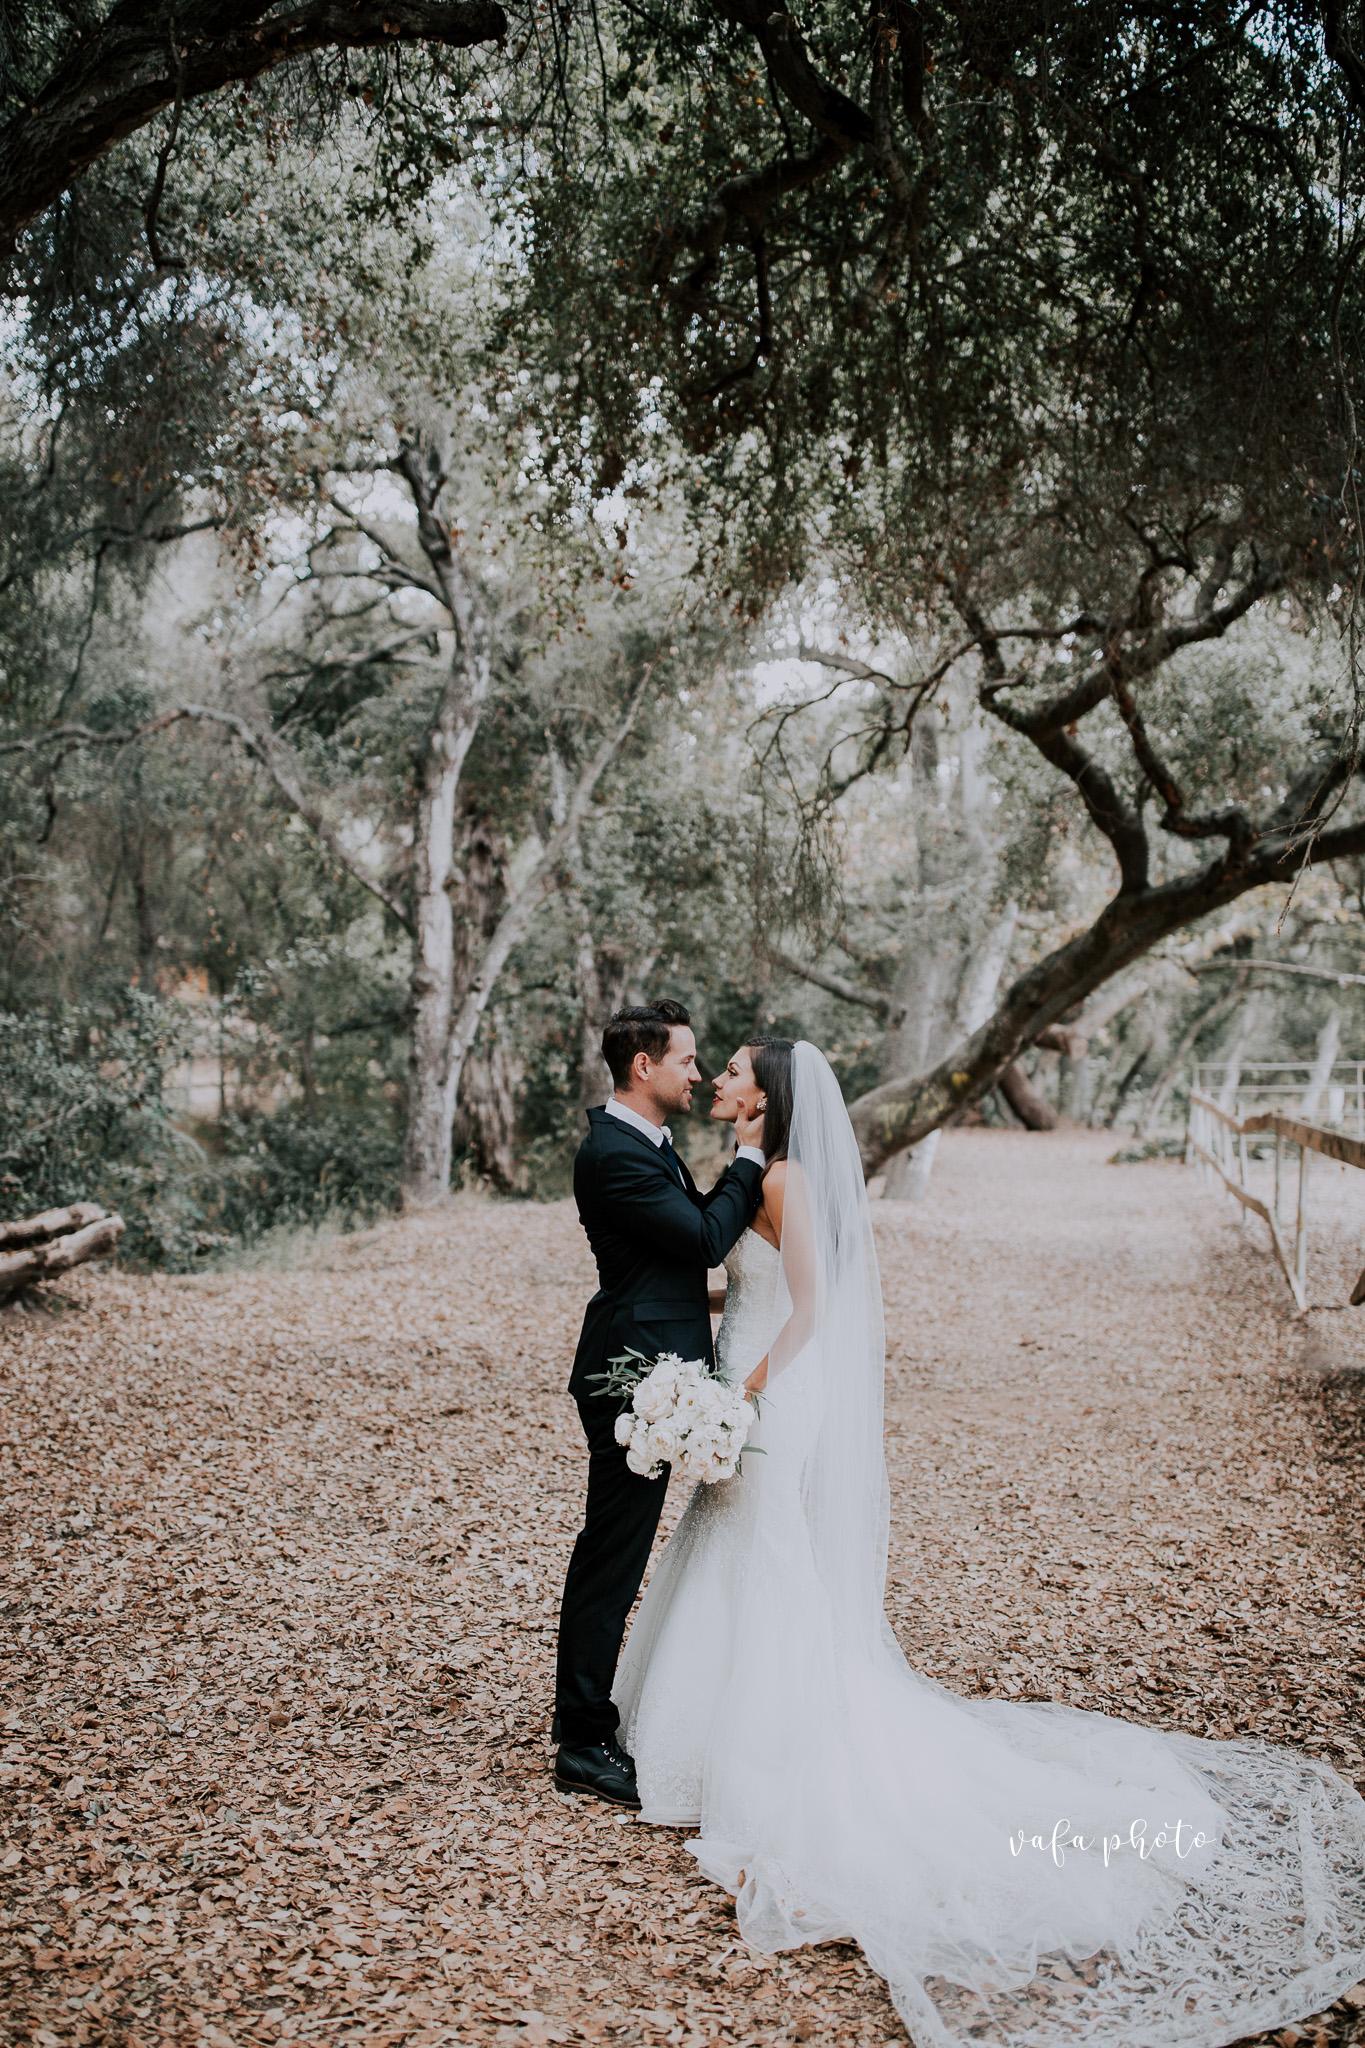 Southern-California-Wedding-Britt-Nilsson-Jeremy-Byrne-Vafa-Photo-529.jpg